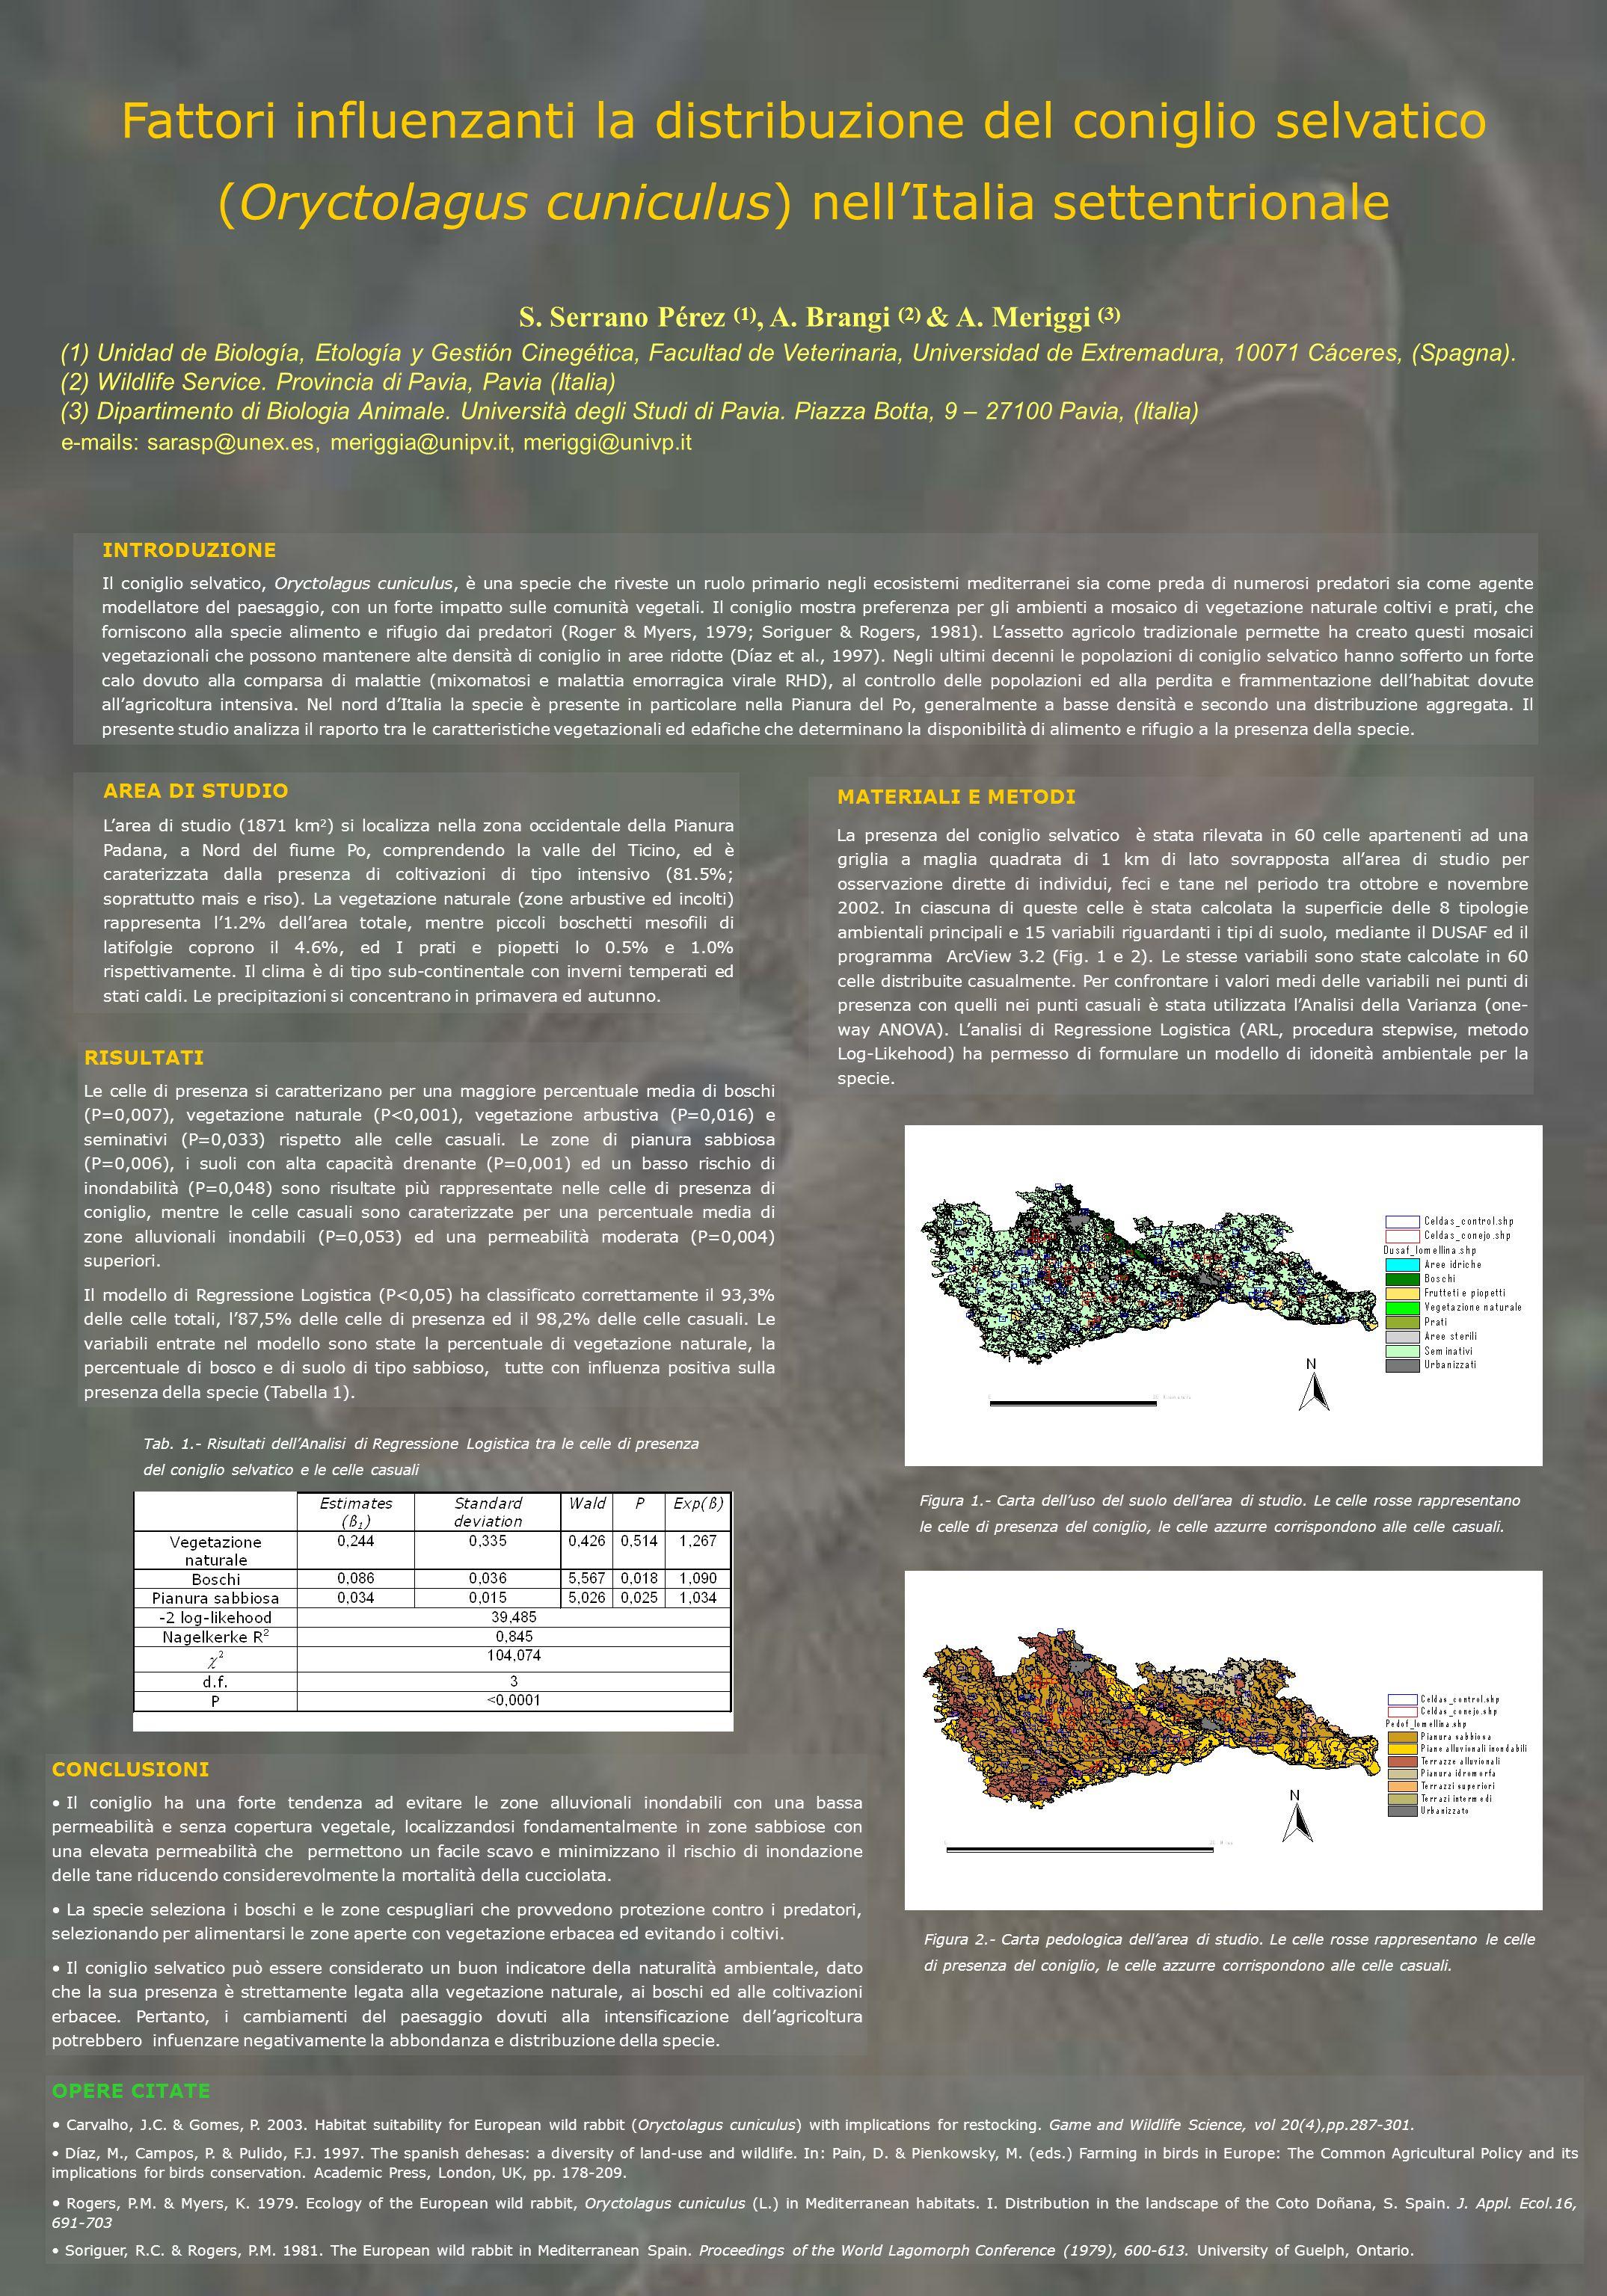 Fattori influenzanti la distribuzione del coniglio selvatico (Oryctolagus cuniculus) nellItalia settentrionale S. Serrano Pérez (1), A. Brangi (2) & A